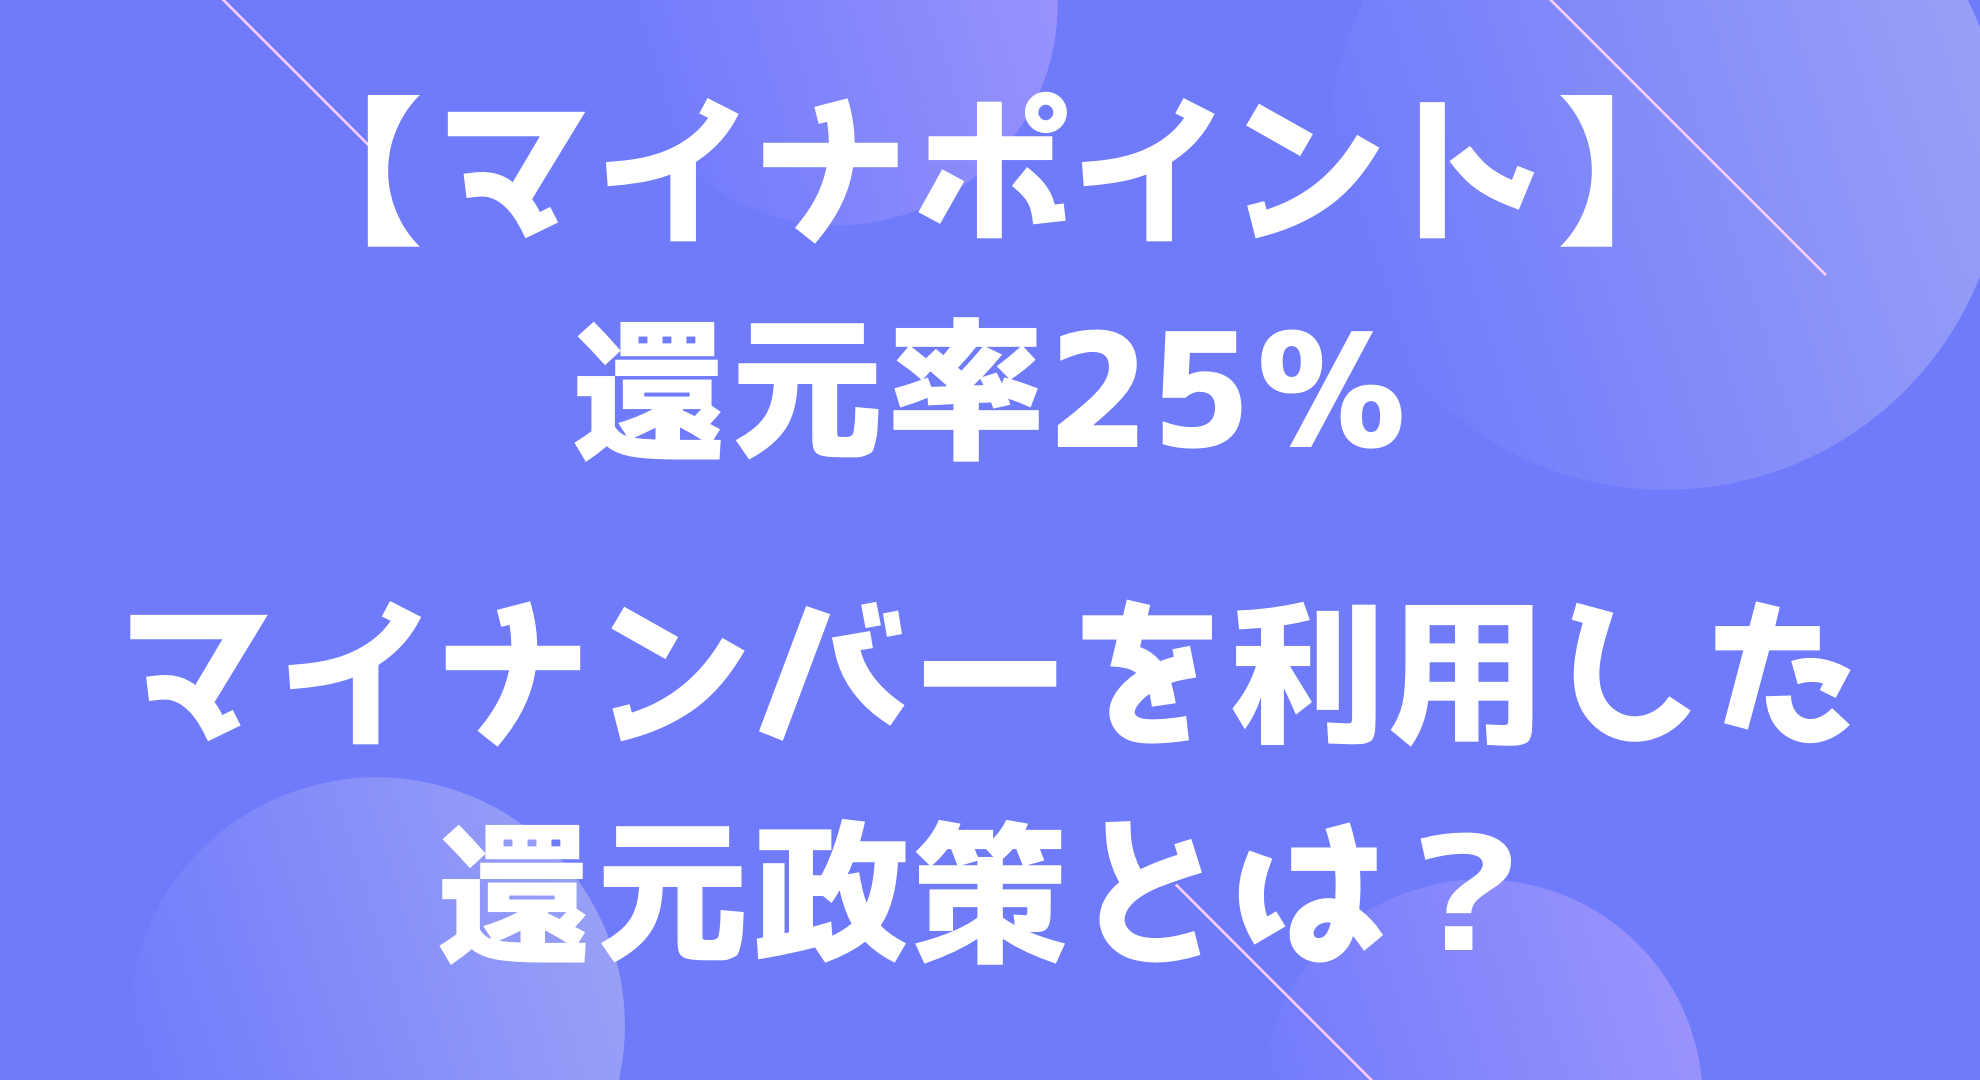 【マイナポイント】還元率25% マイナンバーを利用した還元政策とは?